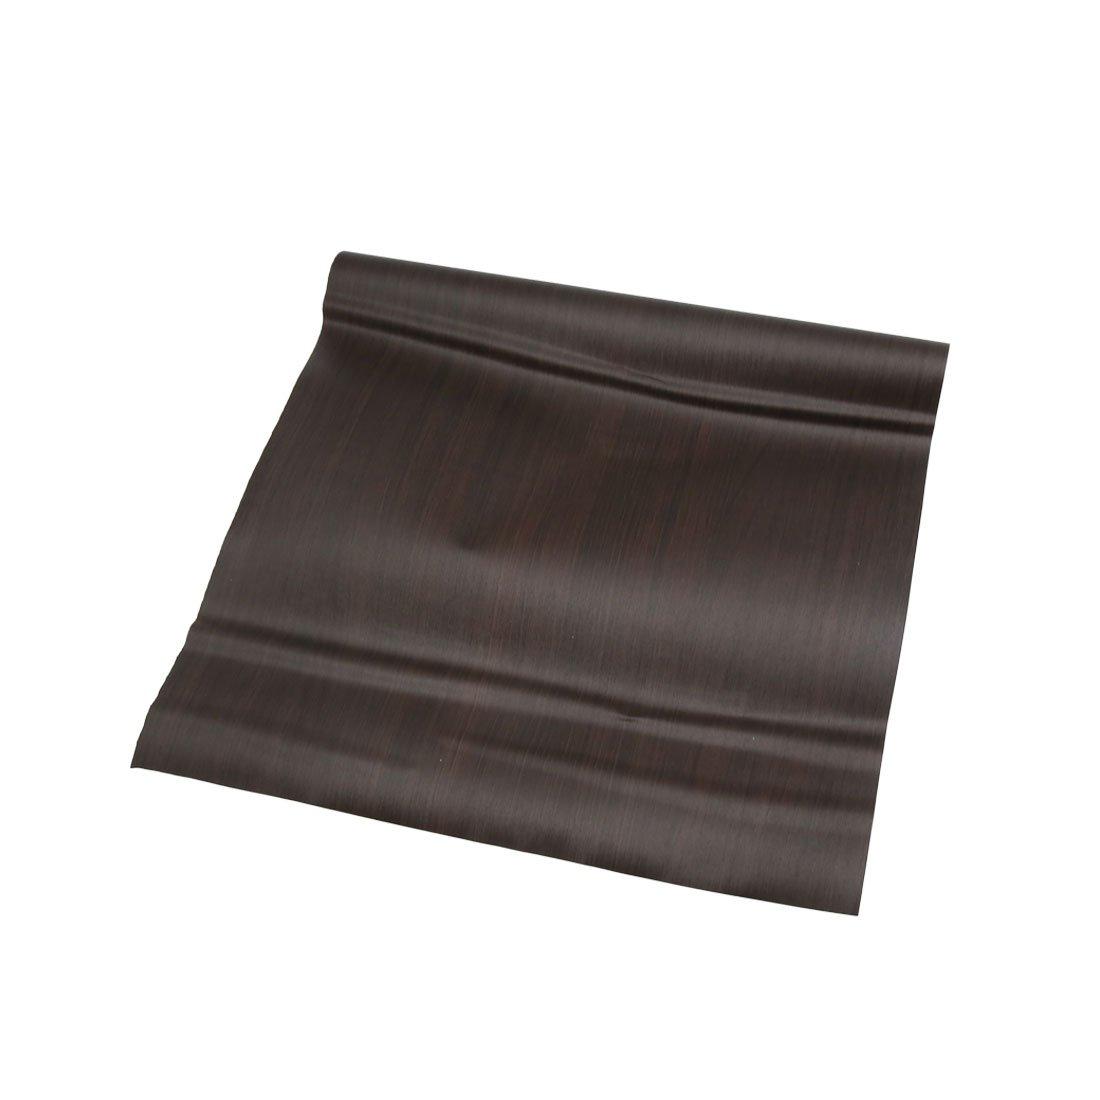 sourcingmap 100 X 30 cm Negro Mate de Madera de Roble con Textura de Grano Autoadhesiva de La Pelí cula del Vinilo Coche a17060600ux0895